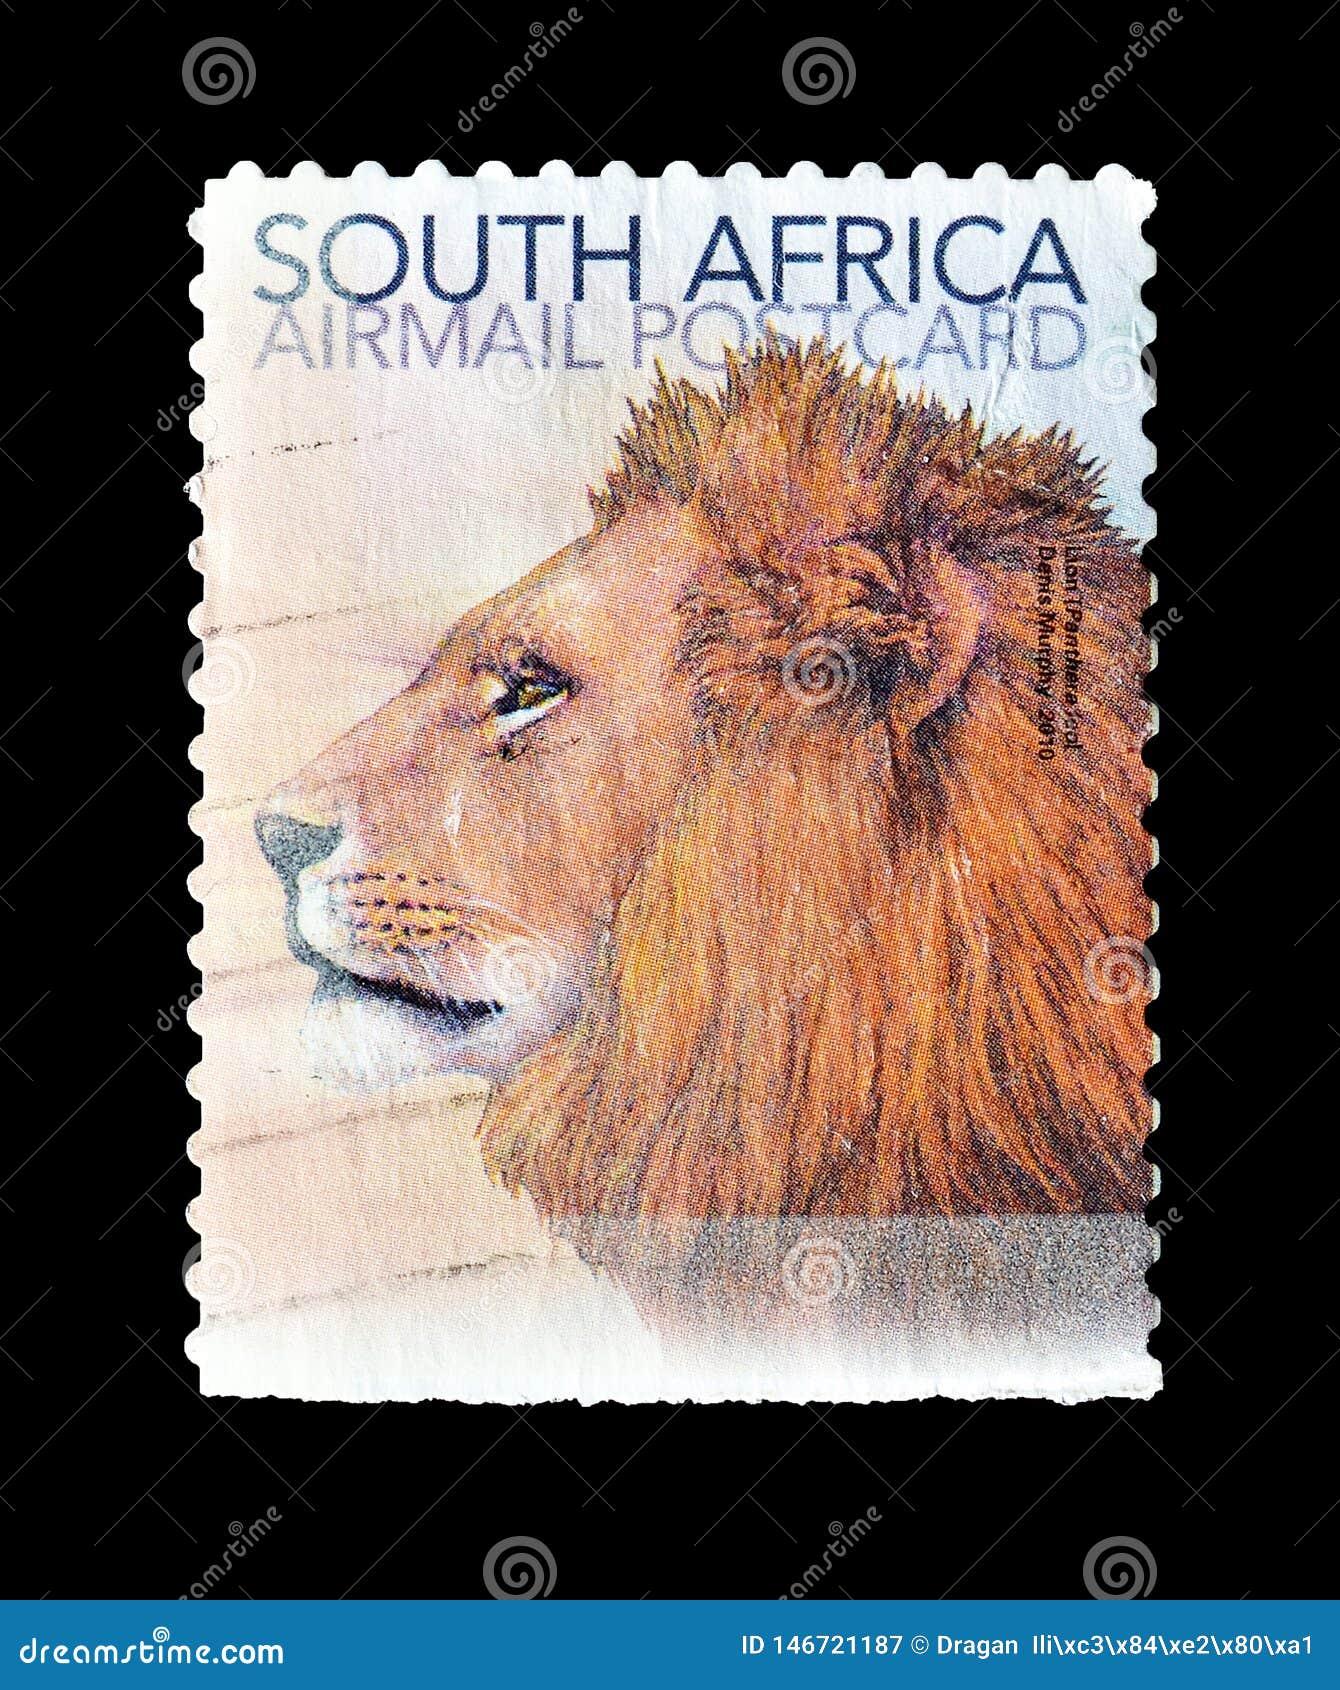 Dzikie zwierz?ta na znaczkach pocztowych